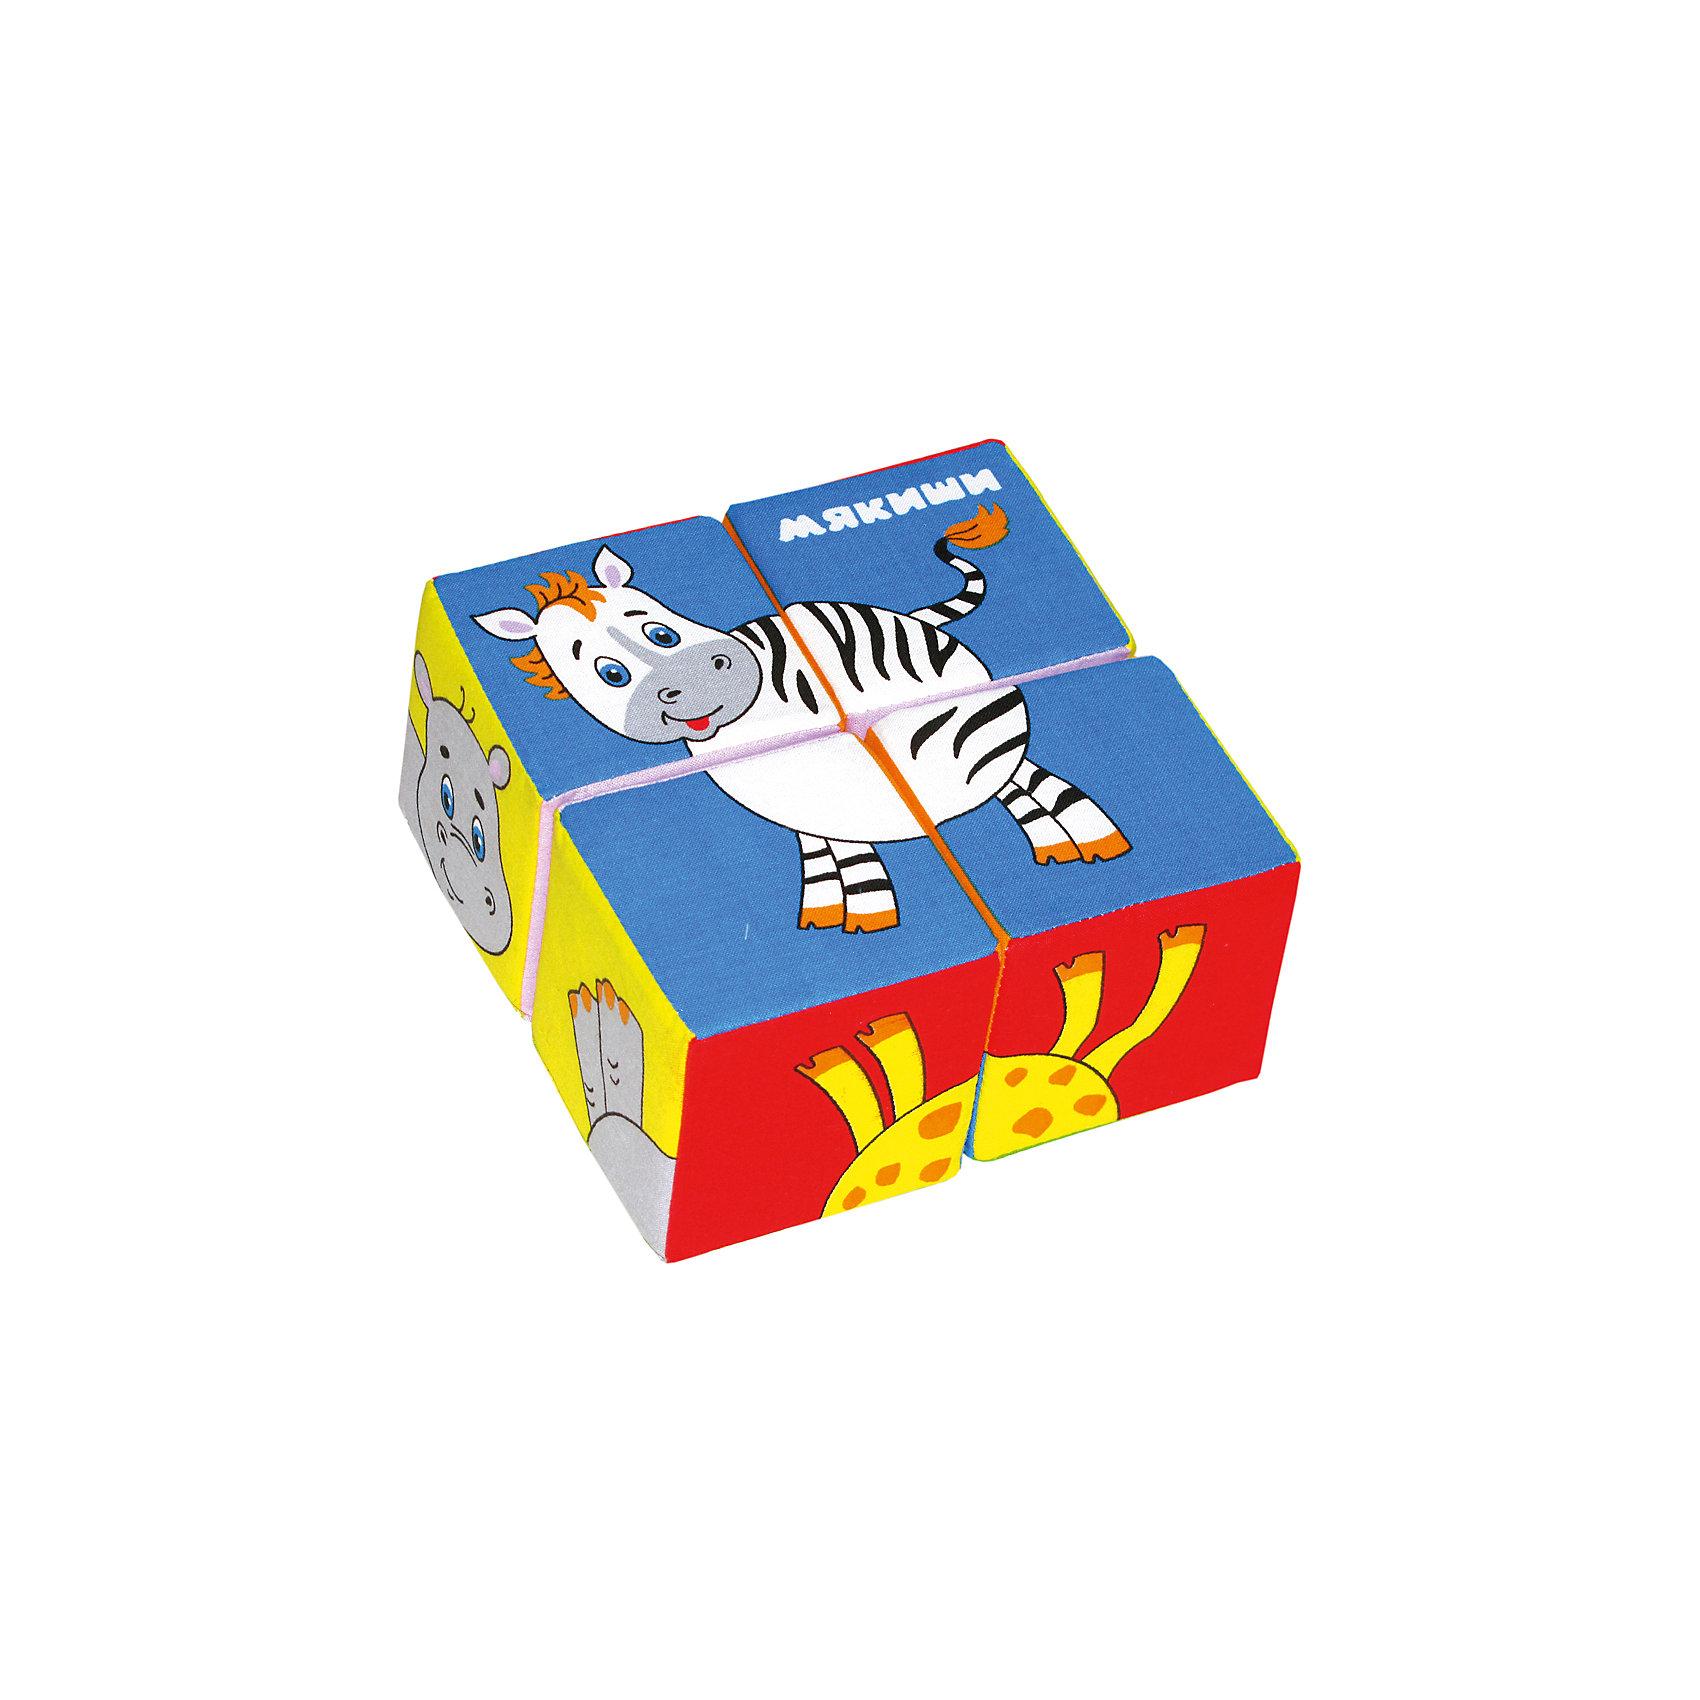 Кубики Собери картинку - животные Африки, МякишиКубики<br>Характеристики товара:<br><br>• цвет: разноцветный<br>• материал: хлопок, поролон<br>• комплектация: 4 шт<br>• размер игрушки: 8 см<br>• можно собрать шесть животных<br>• развивающая игрушка<br>• упаковка: пакет<br>• страна бренда: РФ<br>• страна изготовитель: РФ<br><br>Малыши активно познают мир и тянутся к новой информации. Чтобы сделать процесс изучения окружающего пространства интереснее, ребенку можно подарить развивающие игрушки. В процессе игры информация усваивается намного лучше!<br>Такие кубики помогут занять малыша, играть ими приятно и весело. Одновременно они позволят познакомиться со многими цветами, фактурами, а также из них можно собрать шесть животных. Такие игрушки развивают тактильные ощущения, моторику, цветовосприятие, логику, воображение, учат фокусировать внимание. Каждое изделие абсолютно безопасно – оно создано из качественной ткани с мягким наполнителем. Игрушки производятся из качественных и проверенных материалов, которые безопасны для детей.<br><br>Кубики Собери картинку - животные Африки от бренда Мякиши можно купить в нашем интернет-магазине.<br><br>Ширина мм: 160<br>Глубина мм: 80<br>Высота мм: 160<br>Вес г: 80<br>Возраст от месяцев: 12<br>Возраст до месяцев: 36<br>Пол: Унисекс<br>Возраст: Детский<br>SKU: 5183189